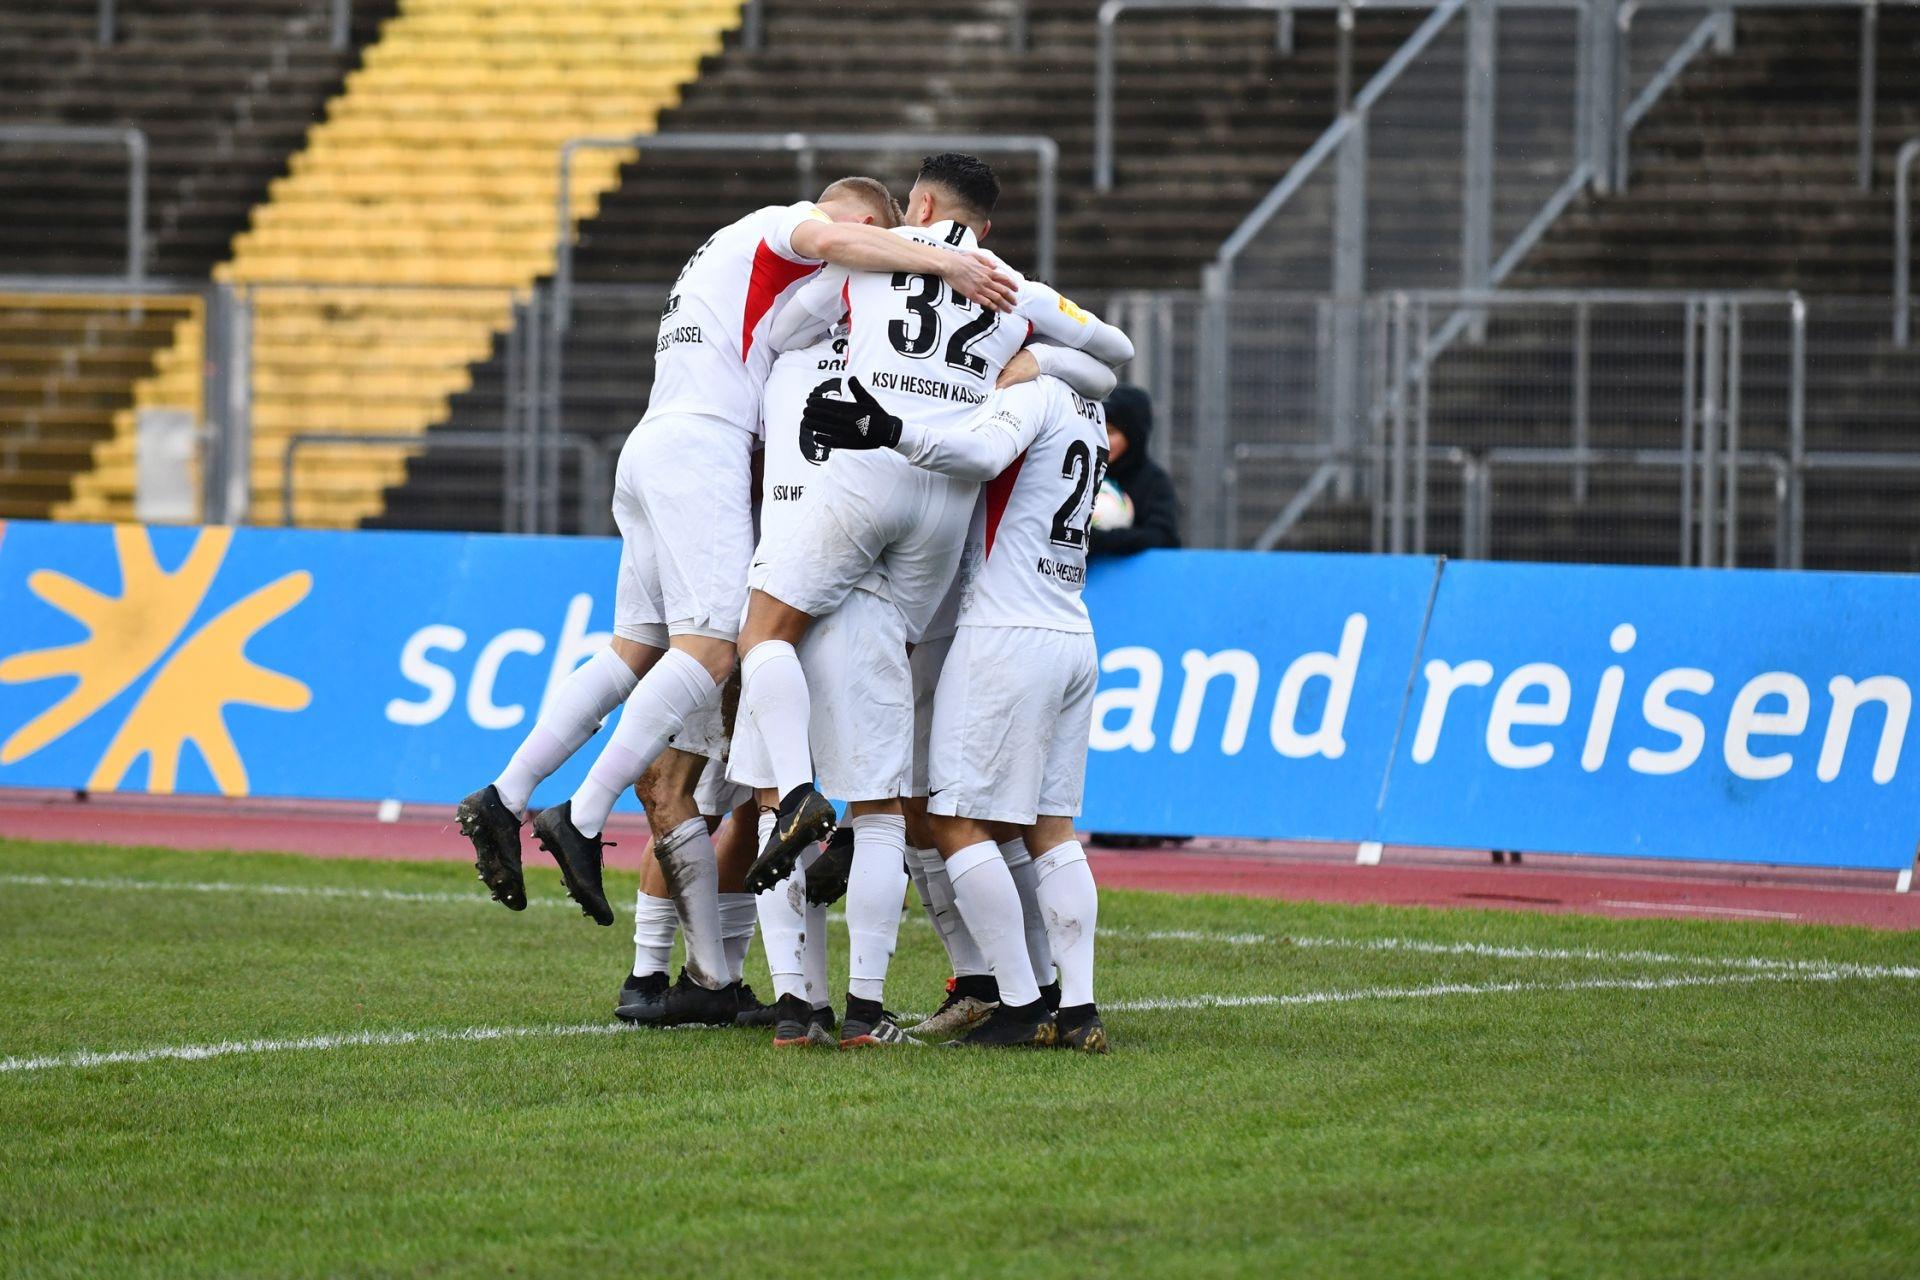 Lotto Hessenliga 2019/2020, KSV Hessen Kassel, FV Bad Vilbel, Endstand 6:1, Jubel zum 2:0